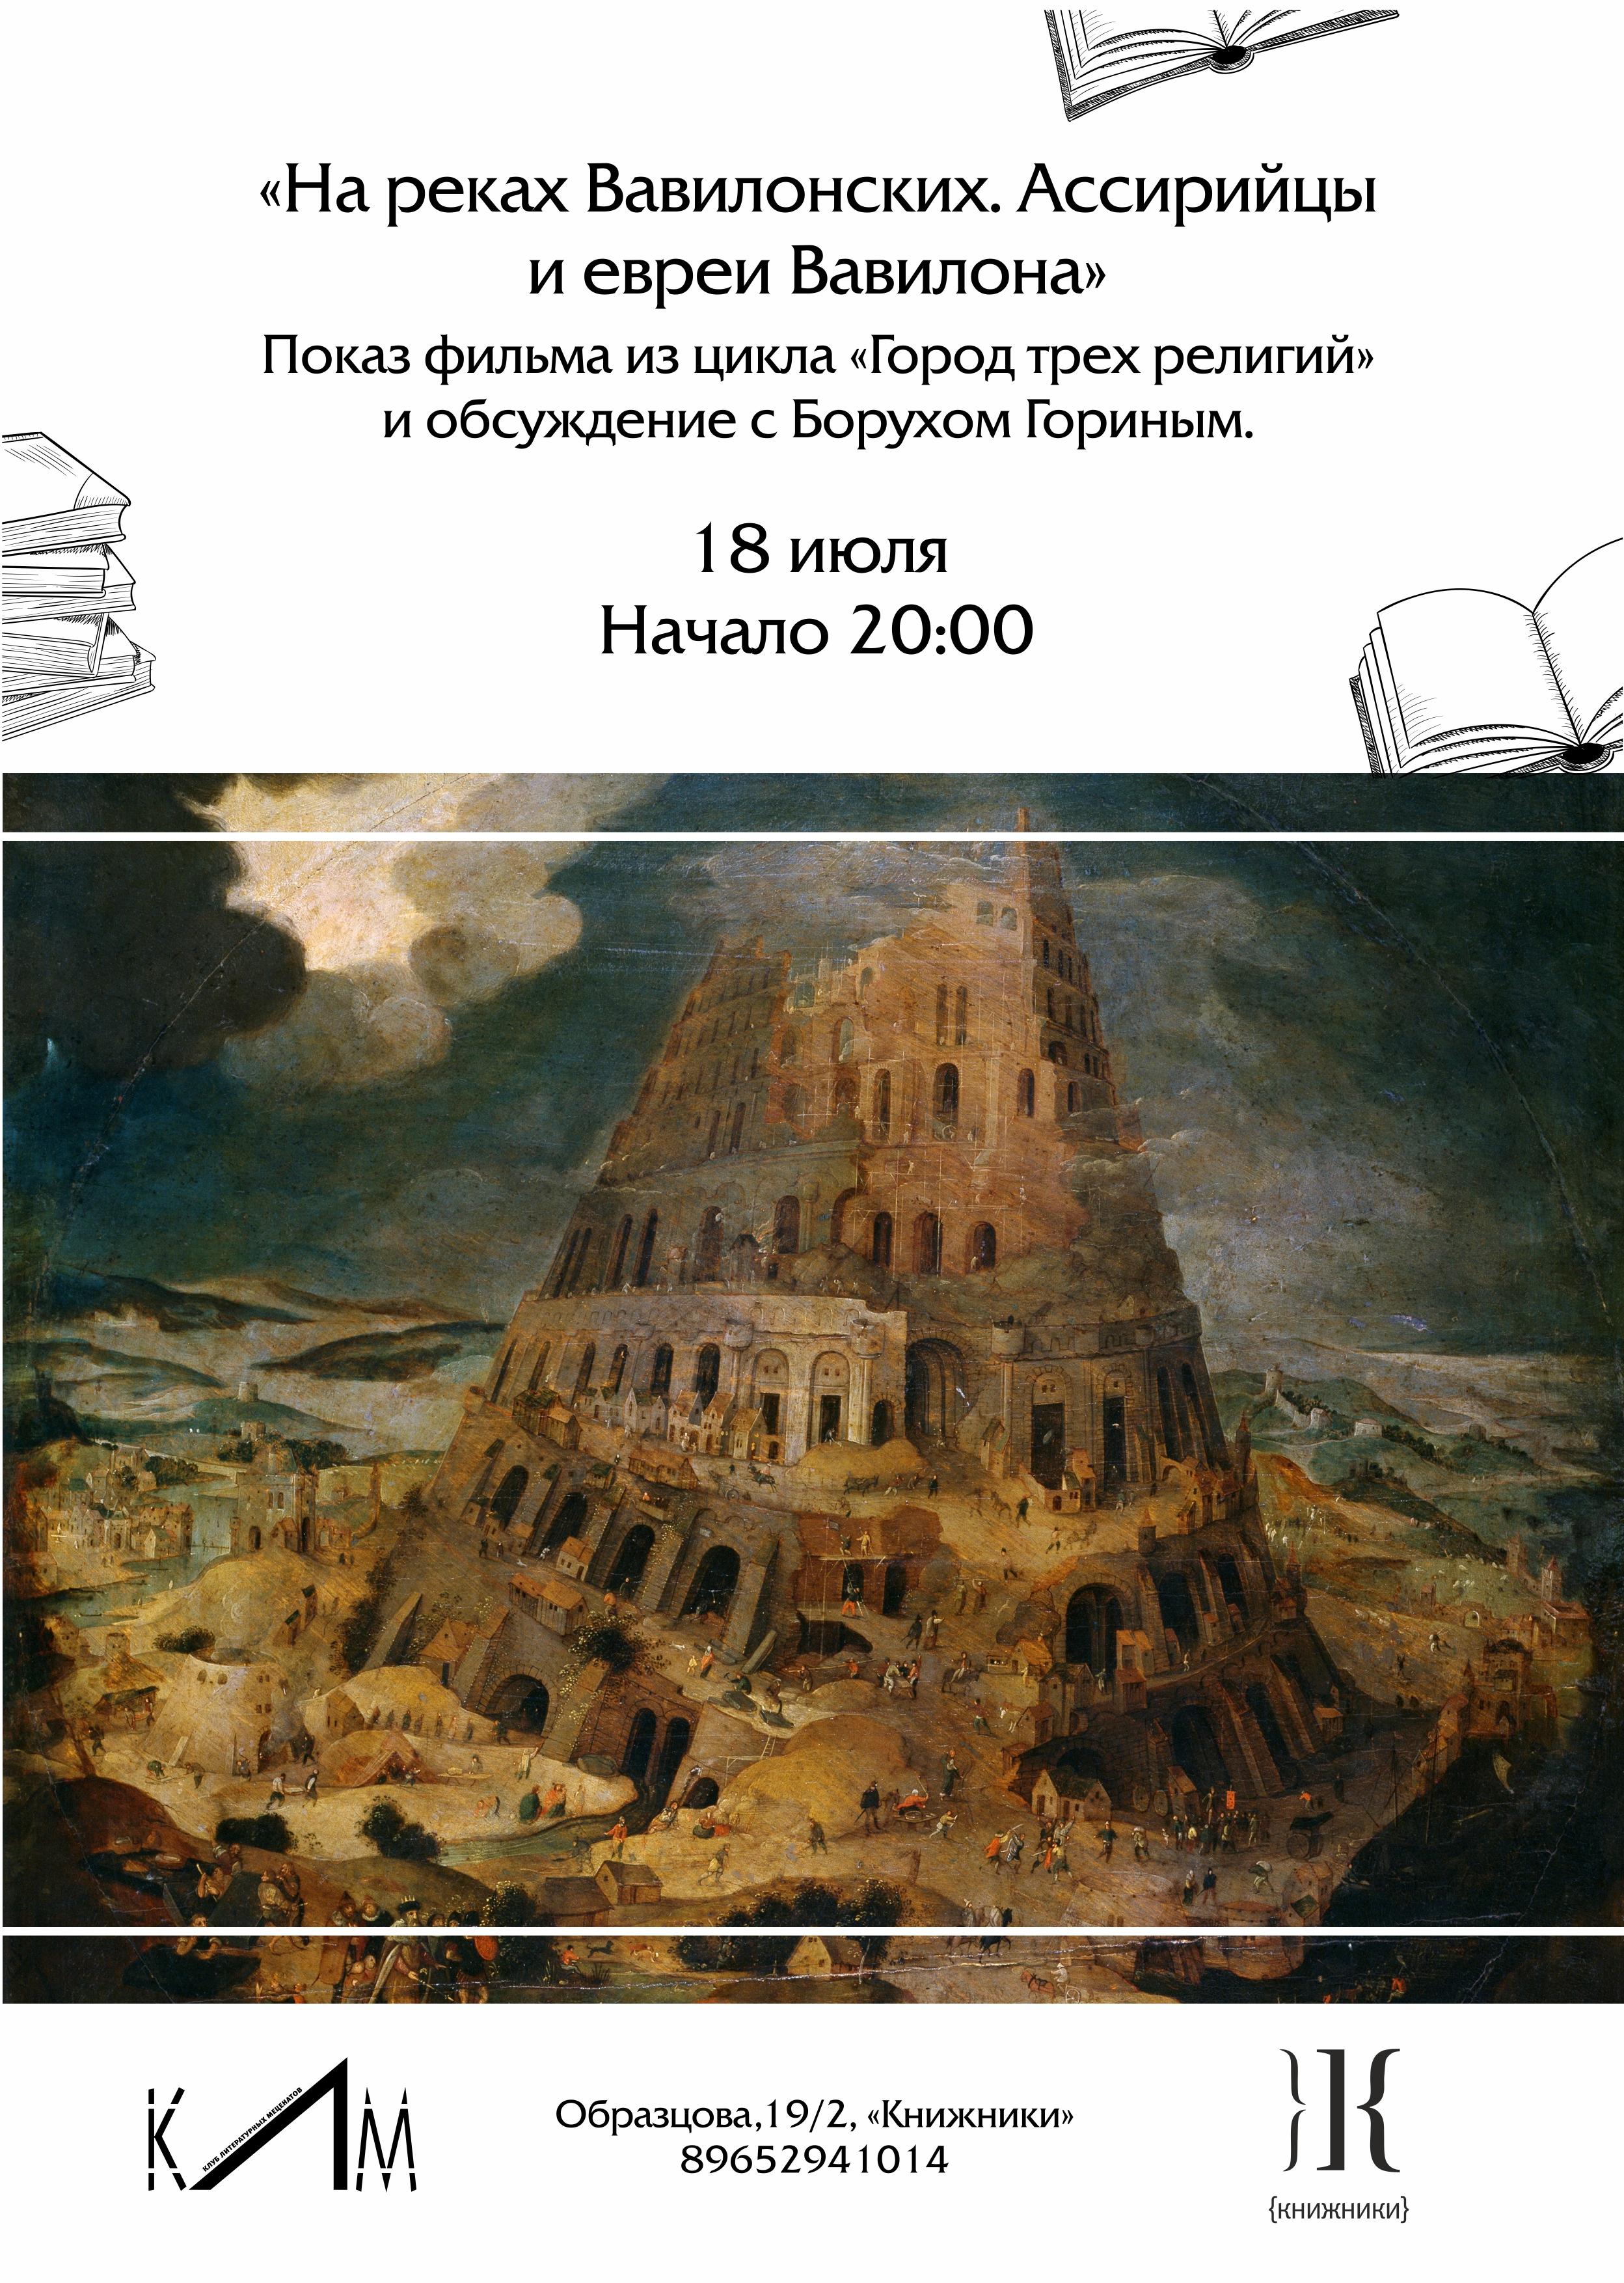 На реках Вавилонских. Ассирийцы и евреи Вавилона